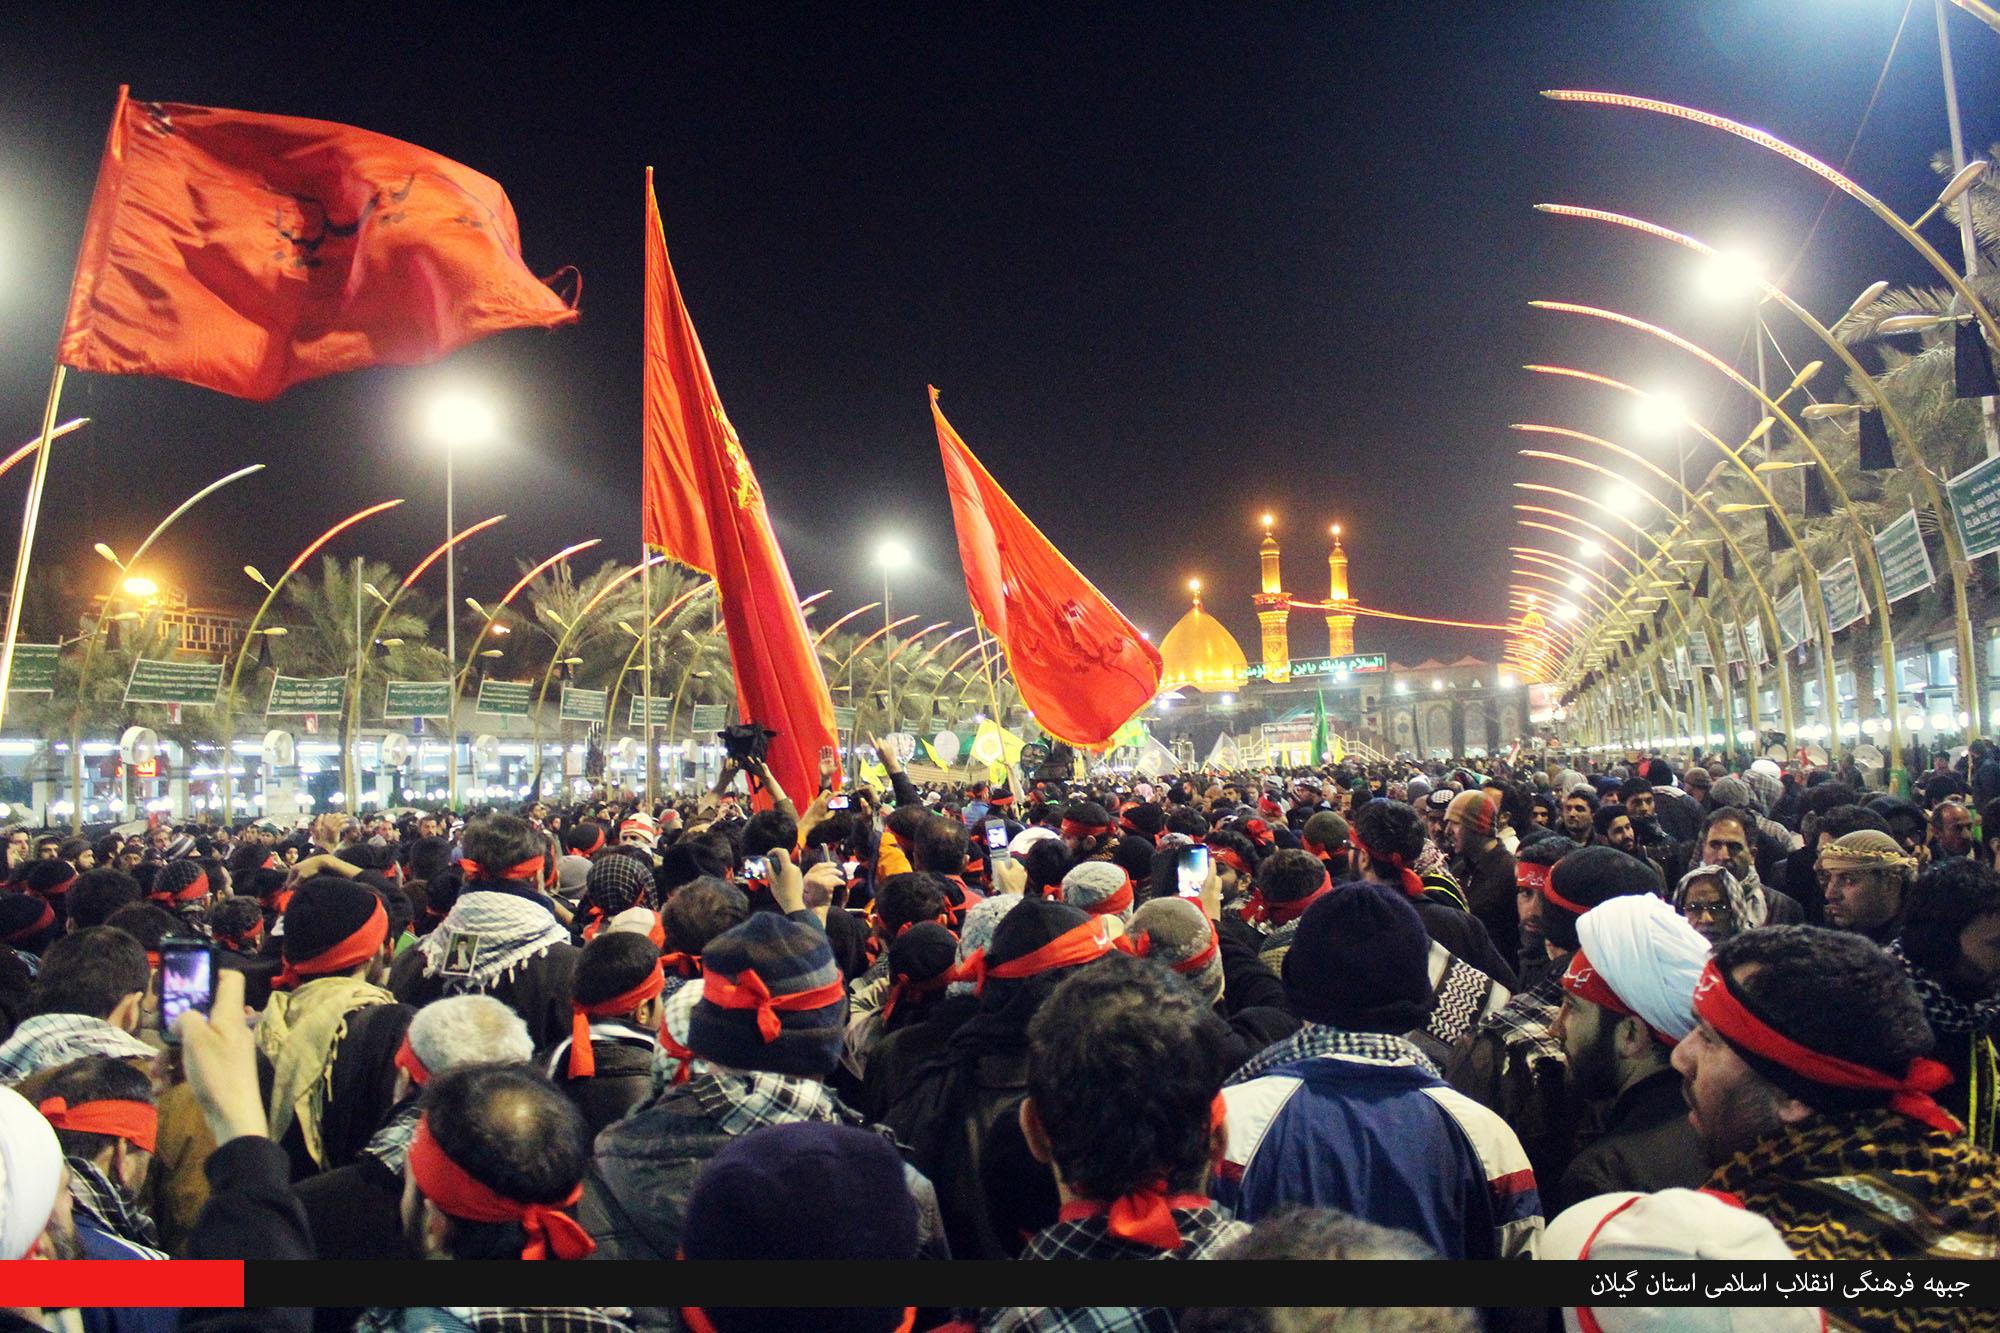 تردد ۲ میلیون نفر برای شرکت  در مراسم اربعین